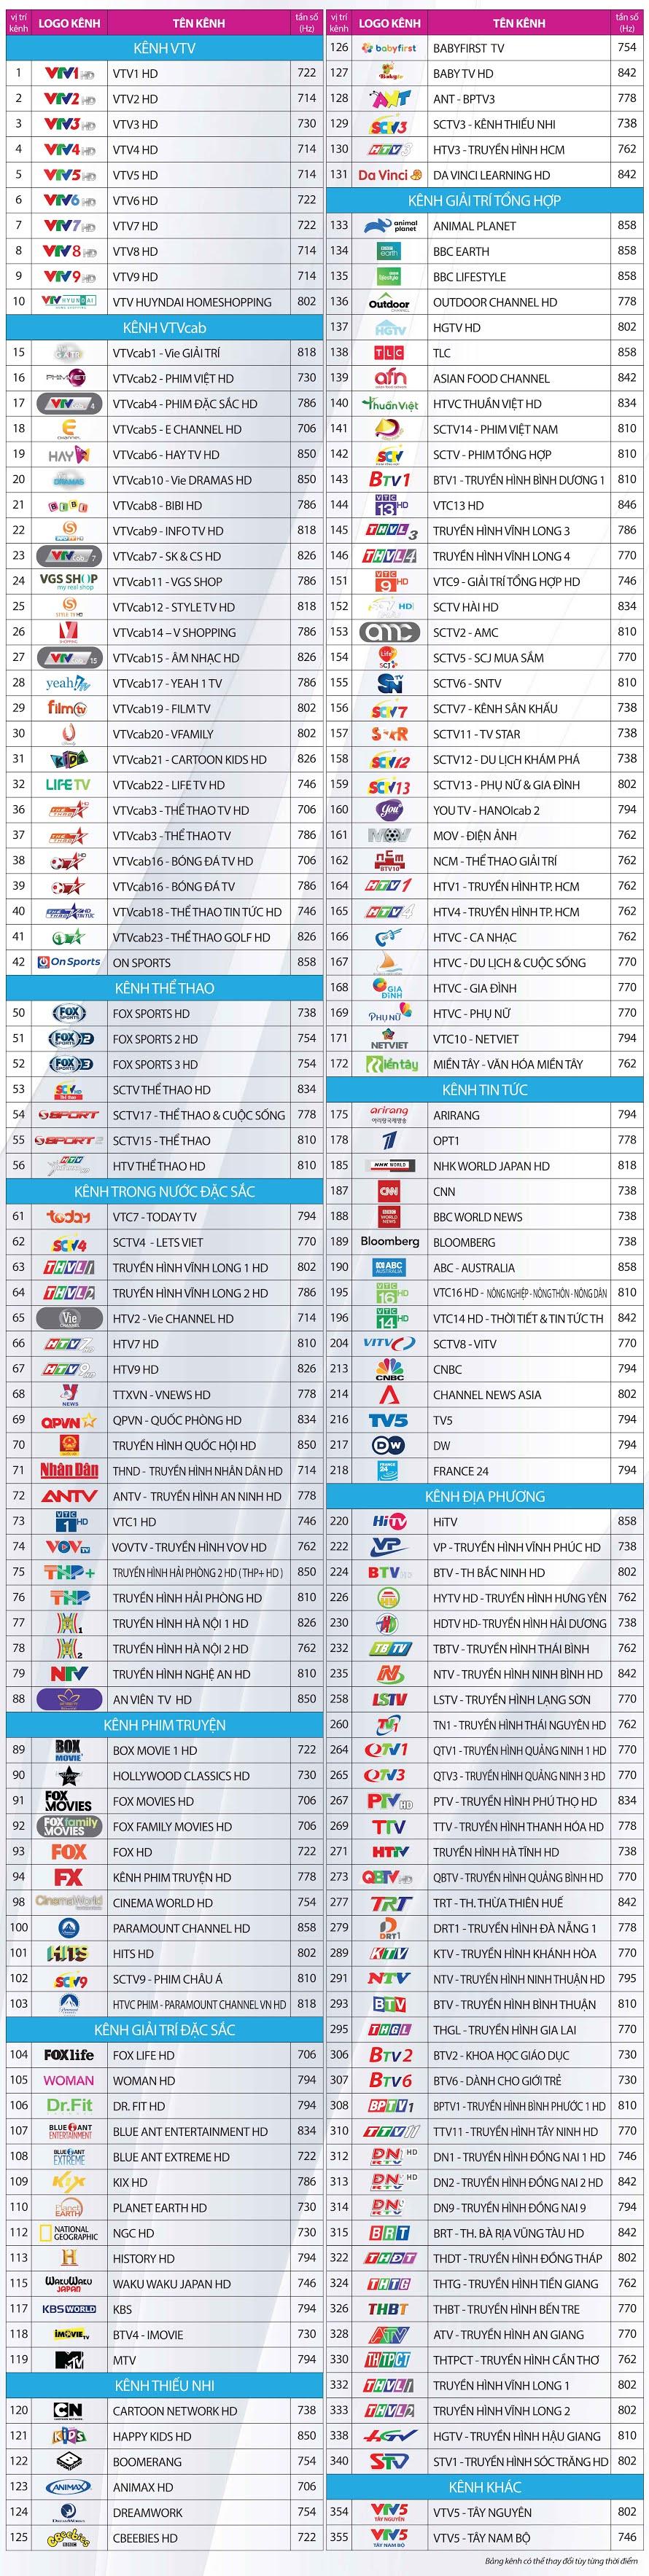 Bảng kênh trên hệ thống truyền hình số HD - Gói chất